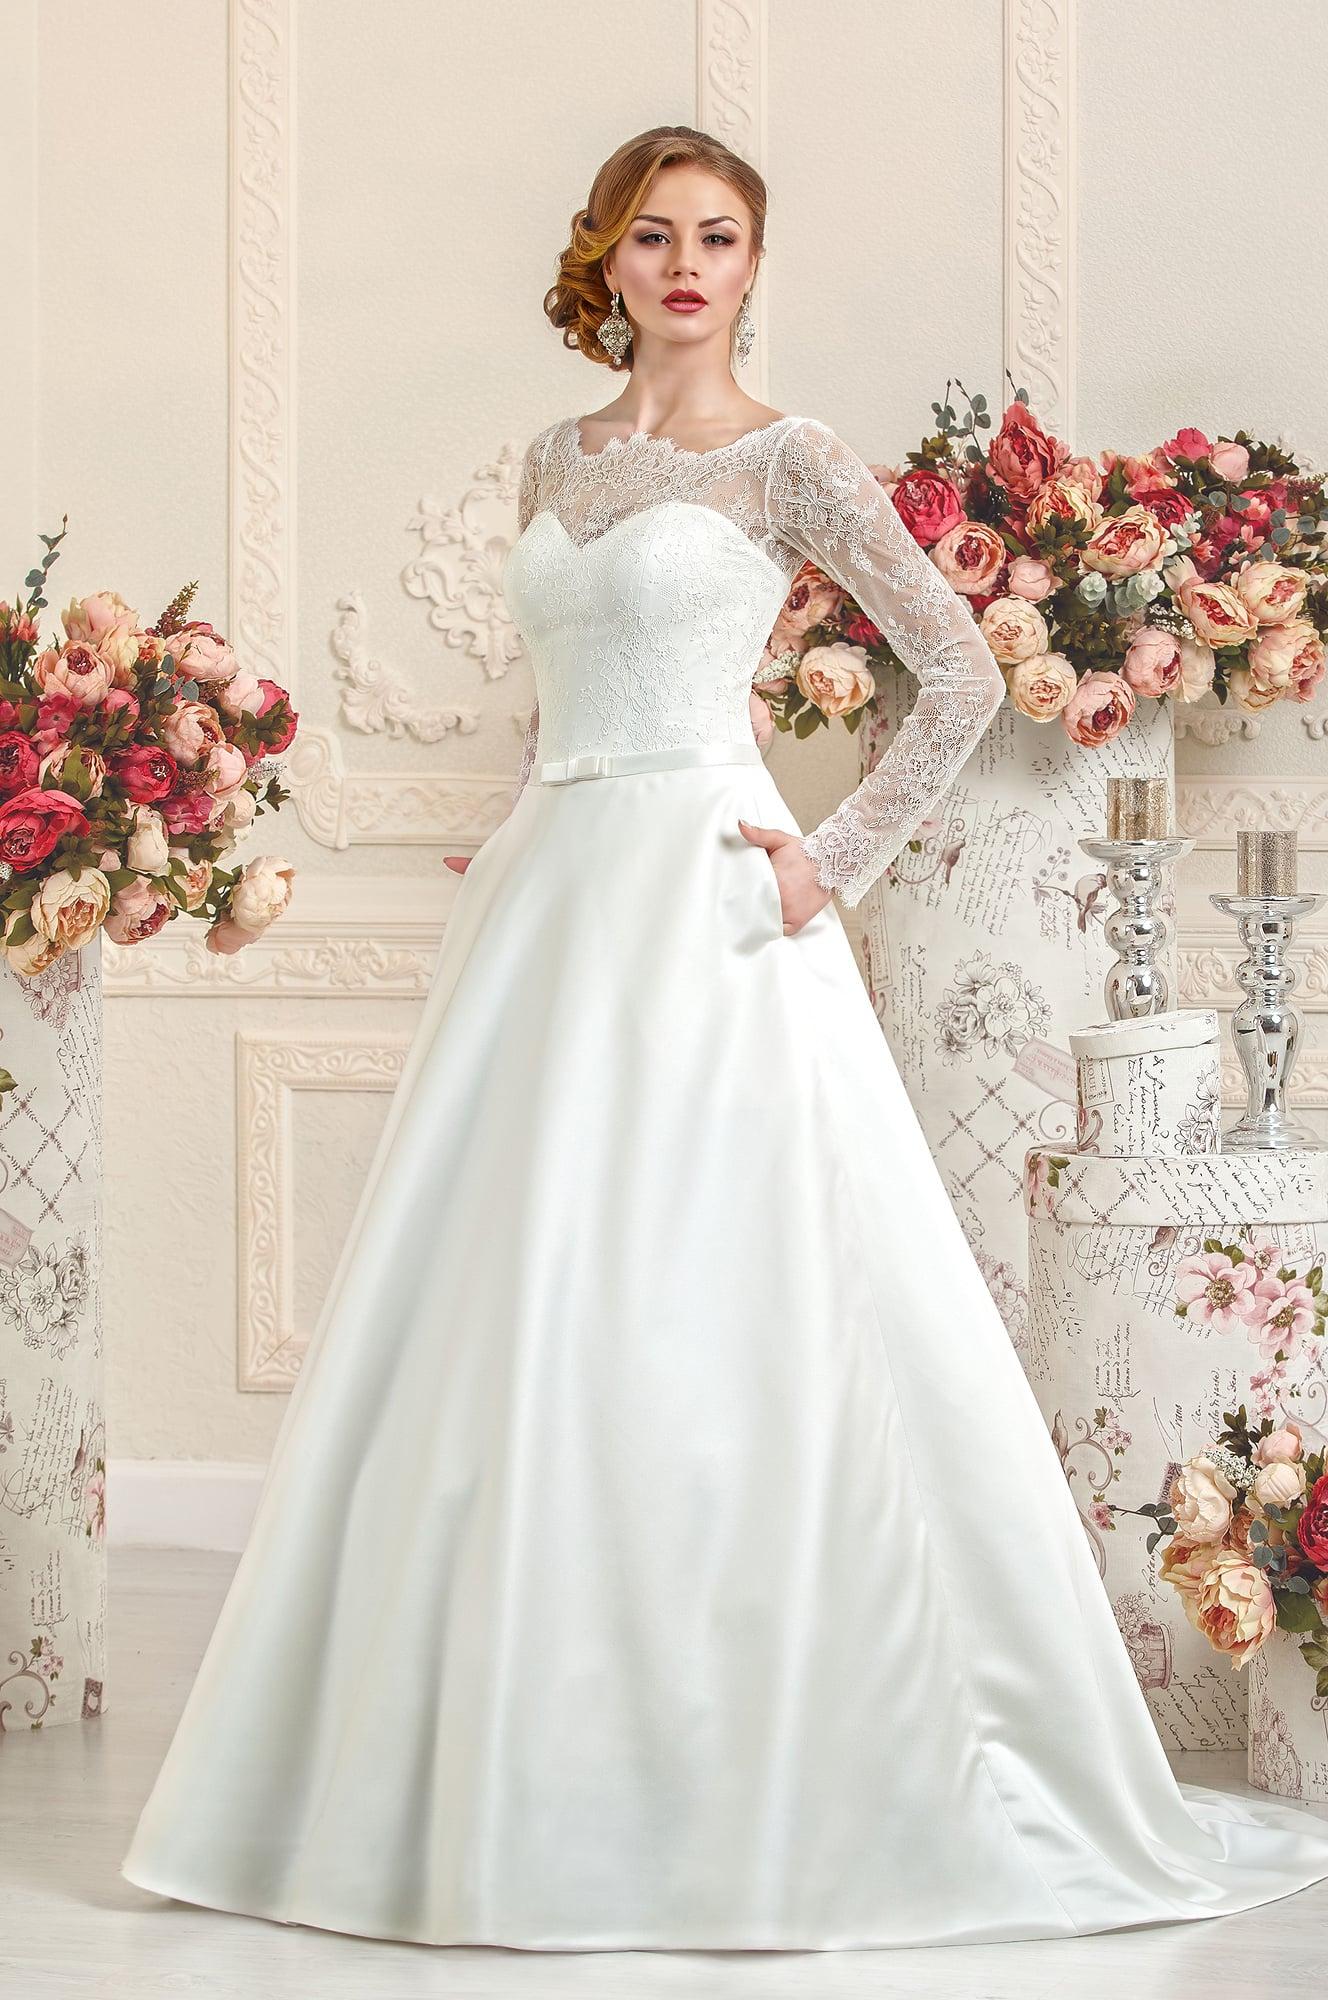 Свадебное платье с силуэтом «принцесса» с атласной юбкой со шлейфом.